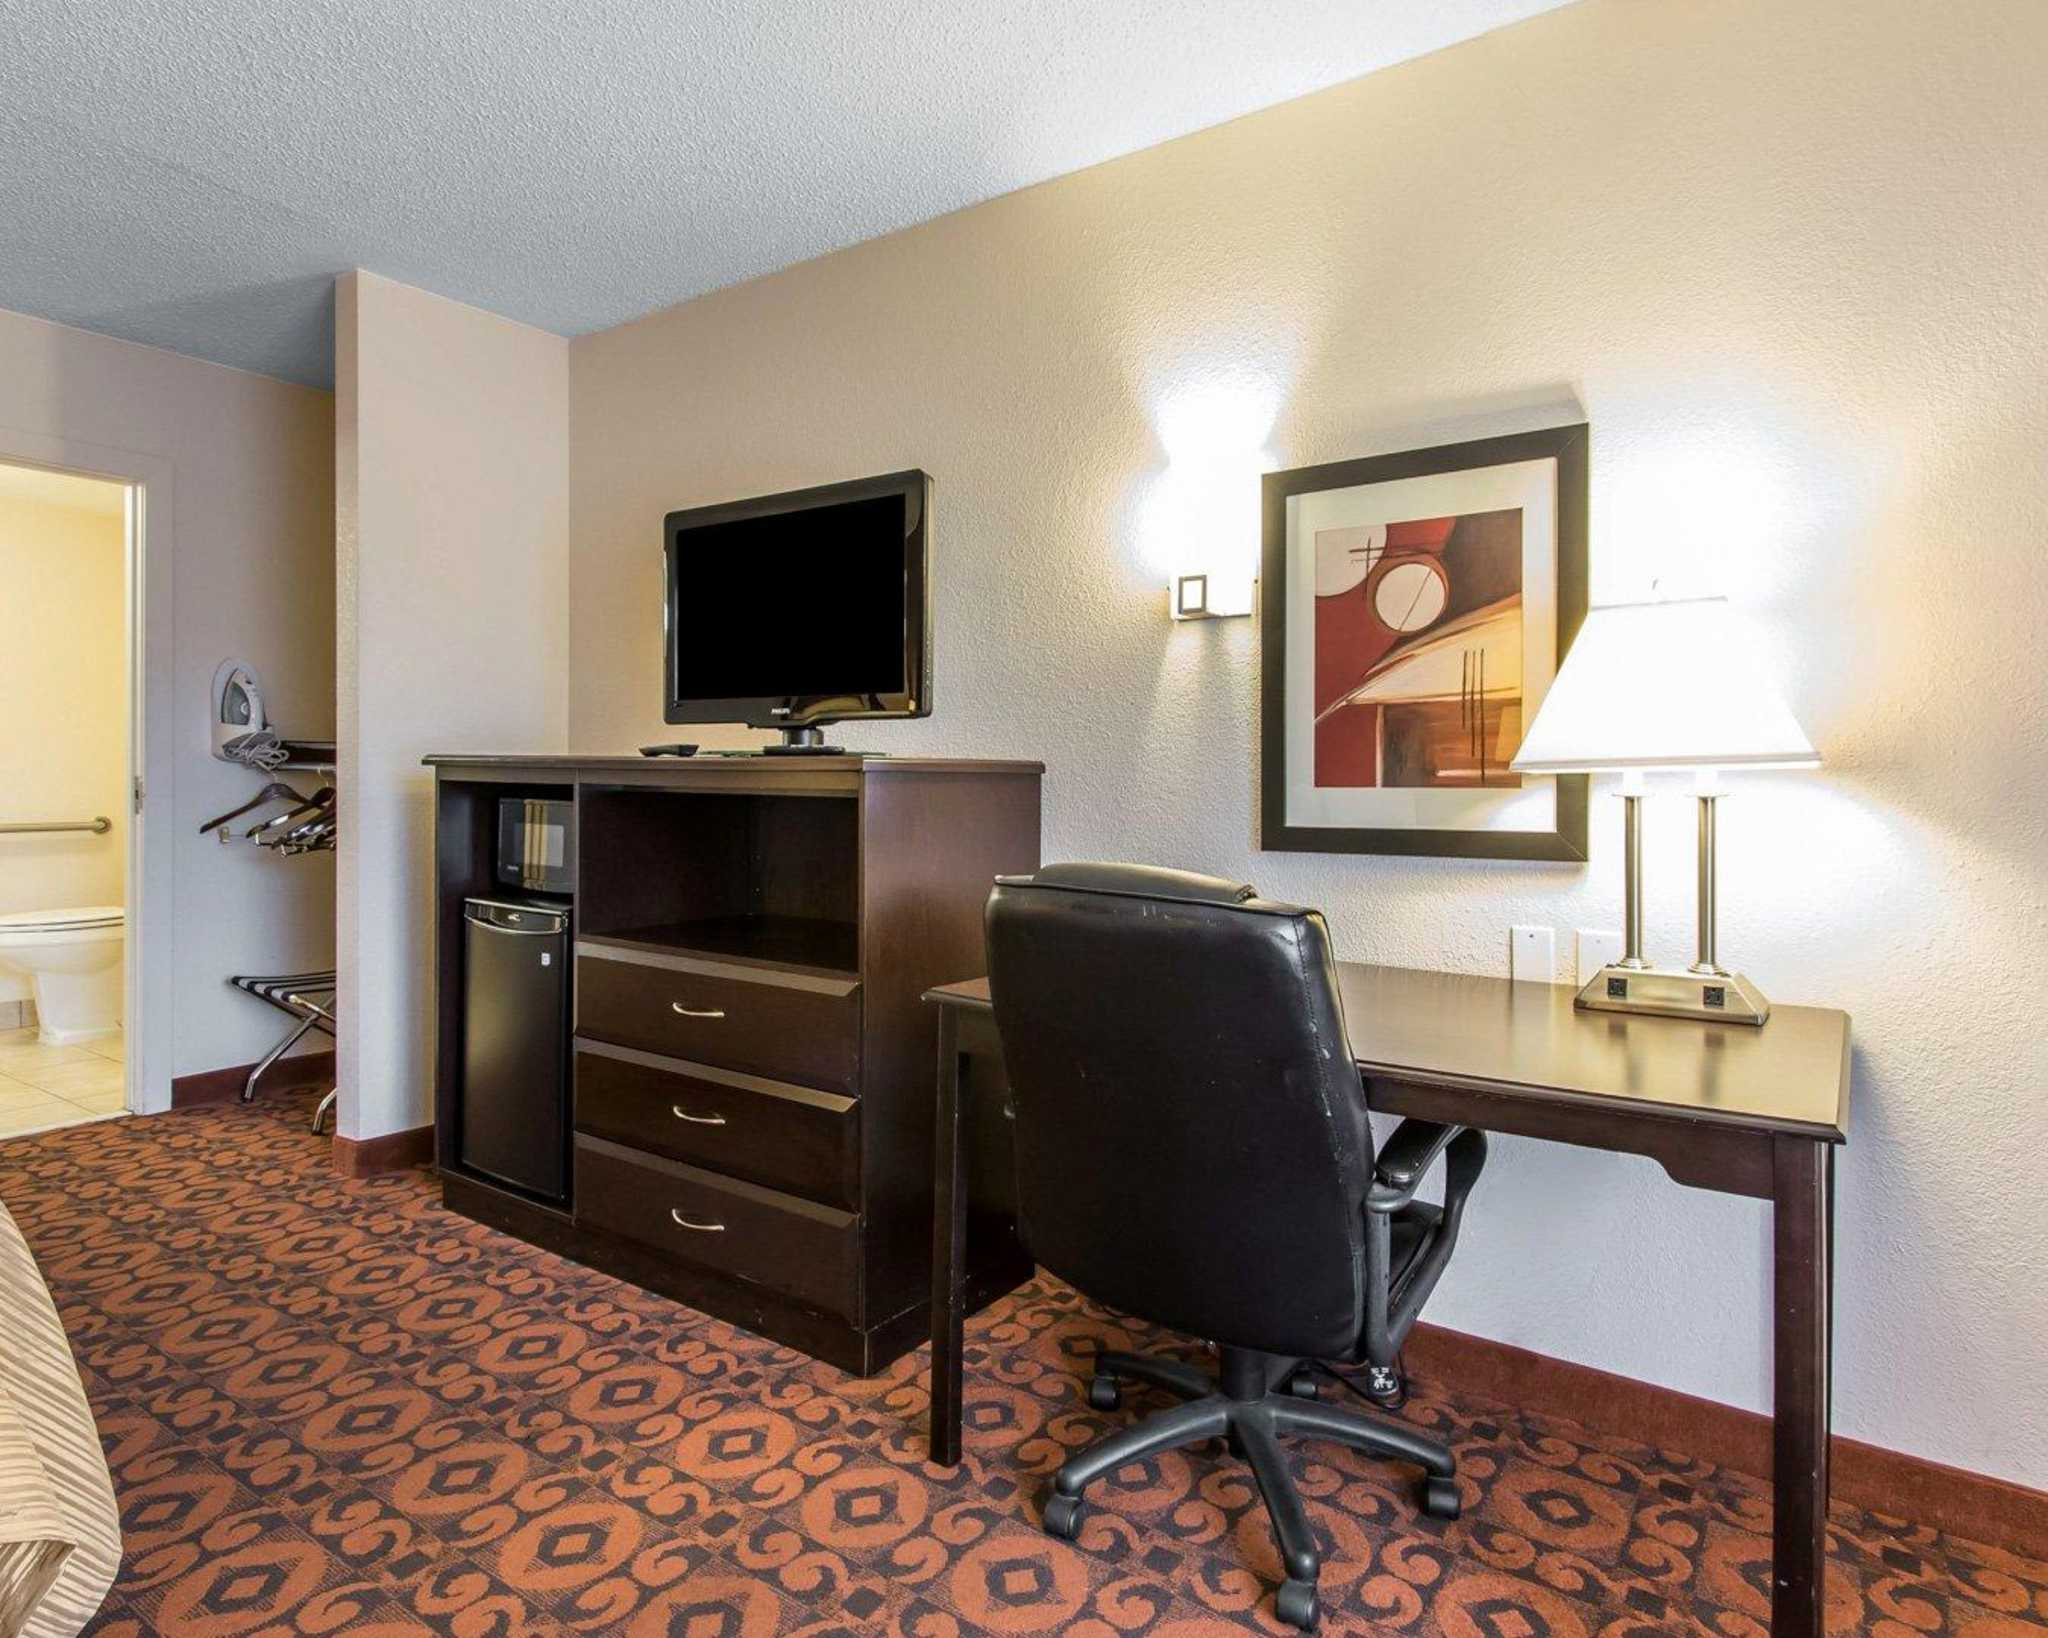 Quality Inn & Suites Fairgrounds West image 12